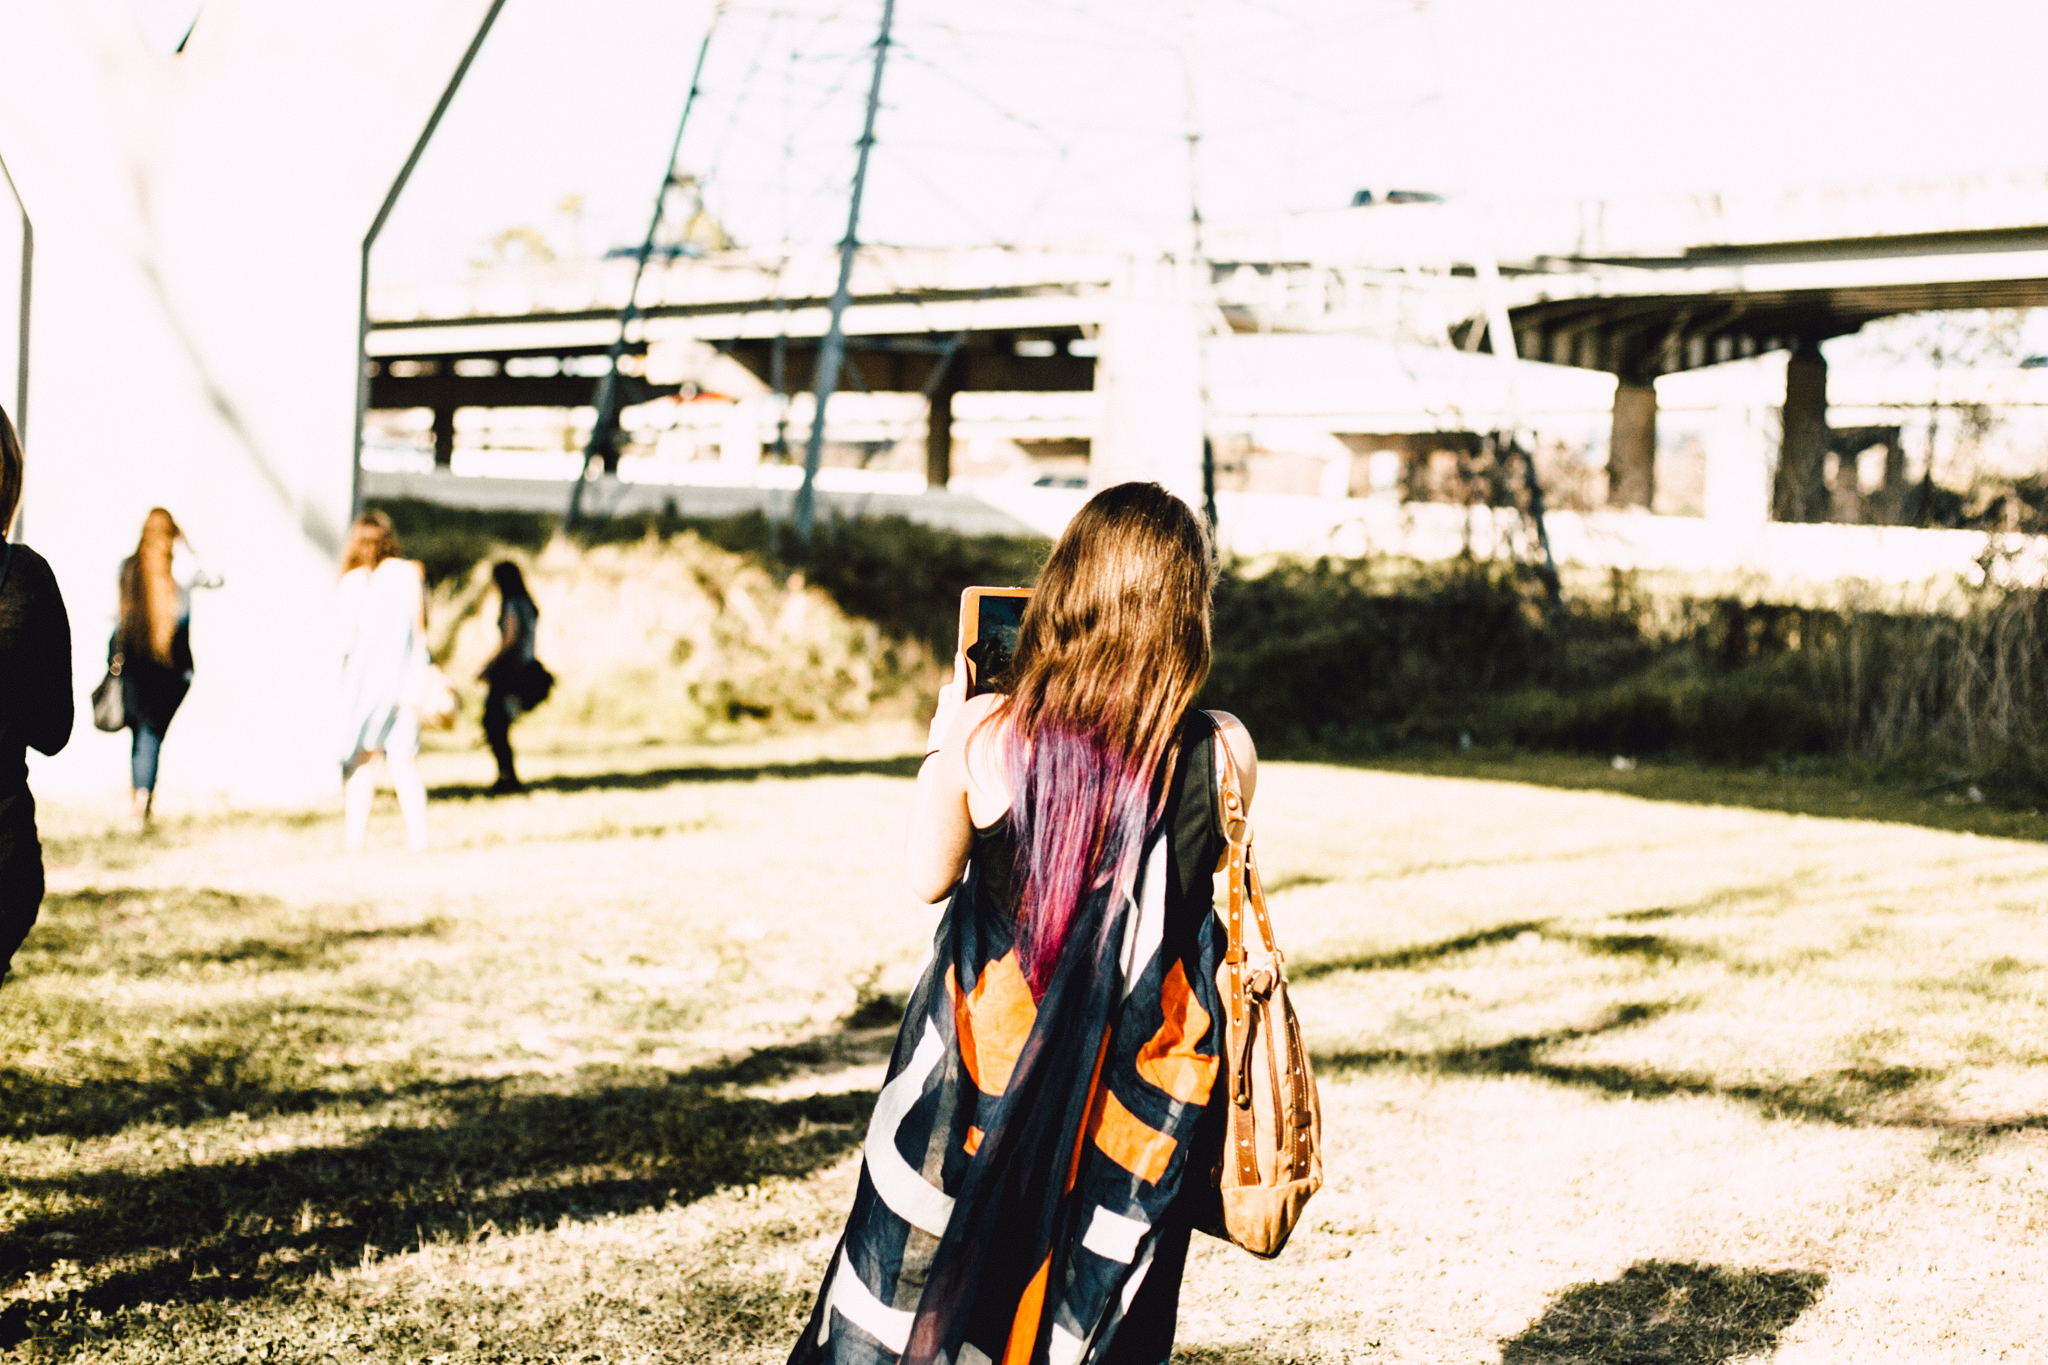 Houston Delight Girls-Johanna Schnakenberg-21.jpg